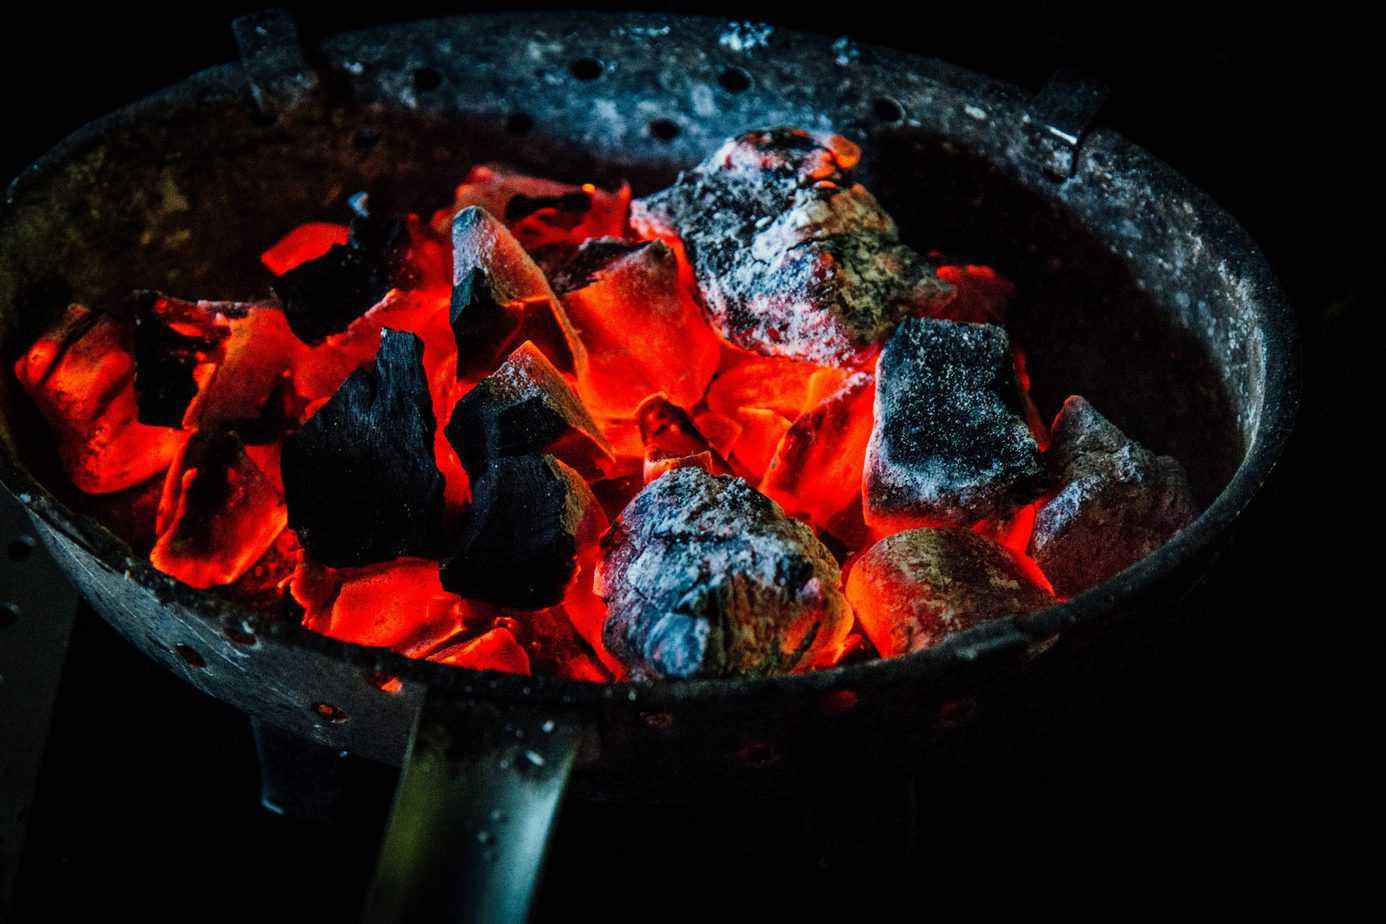 lighting up charcoal